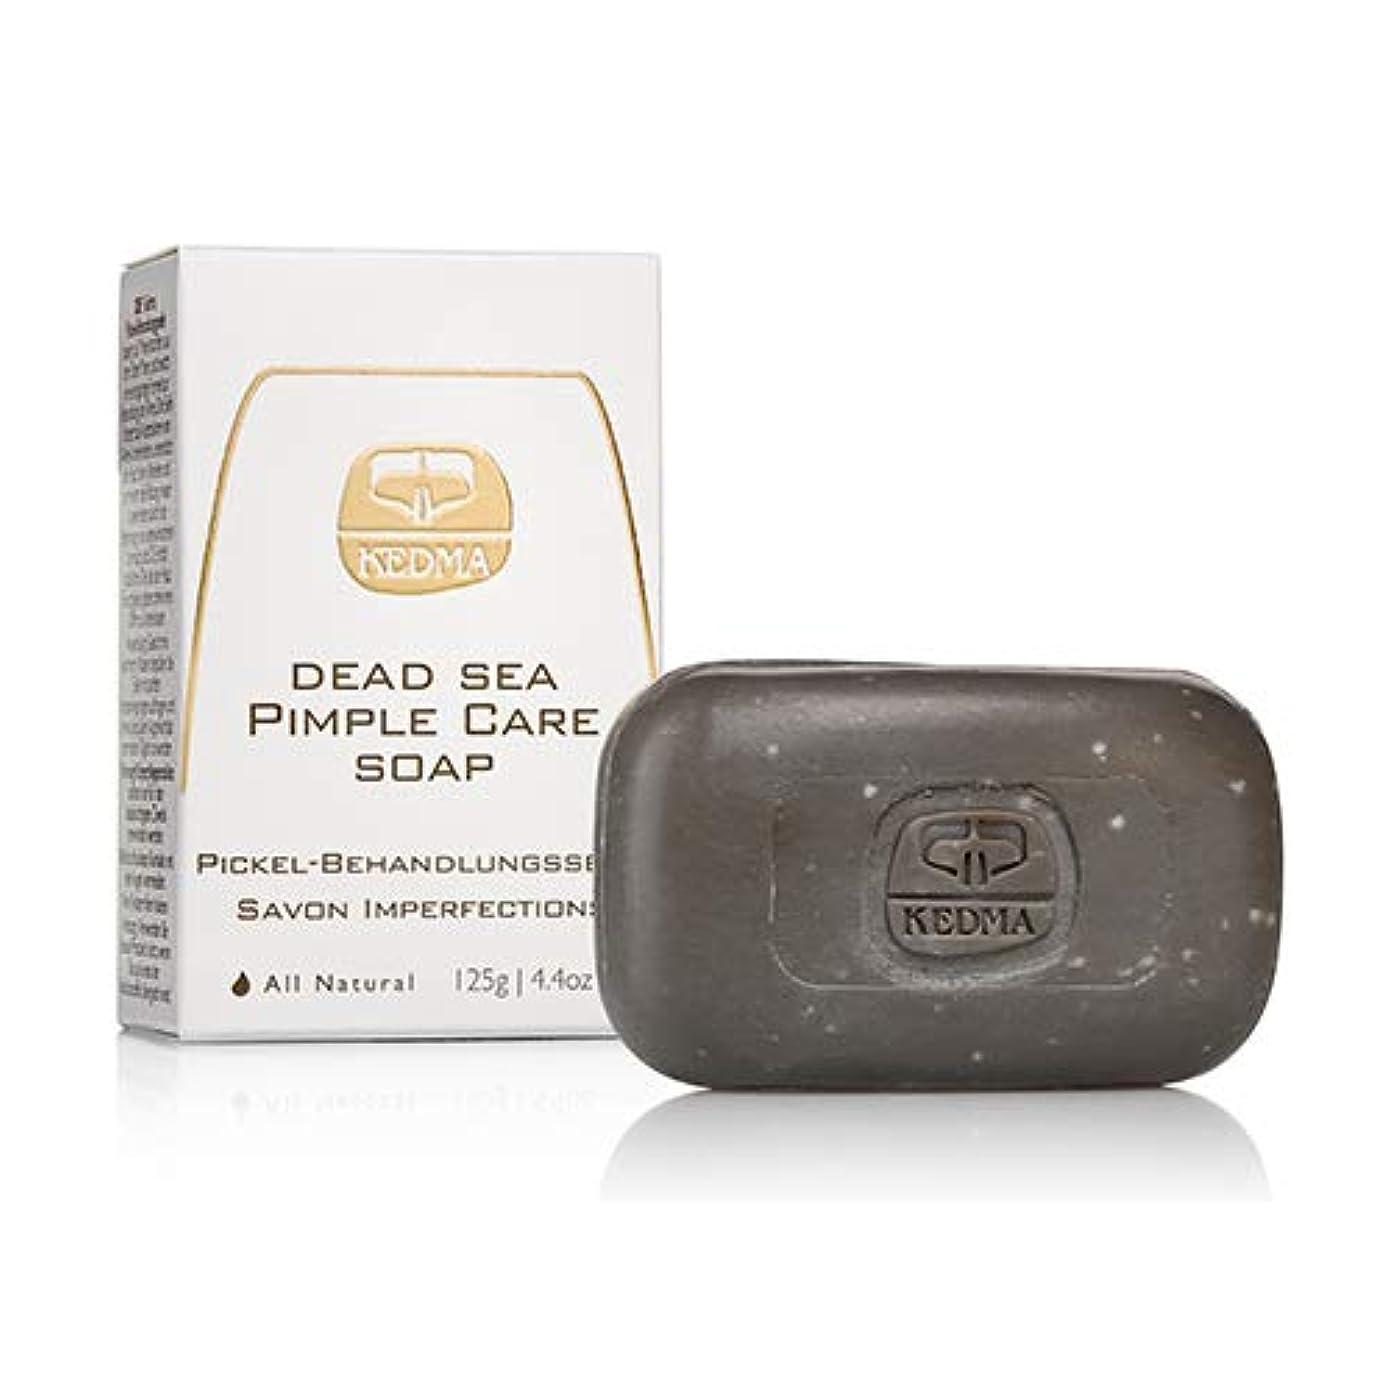 民主主義不完全な怪しい【日本初上陸/正規代理店】KEDMA死海のミネラル石鹸 死海ピンプルケアソープ 125g